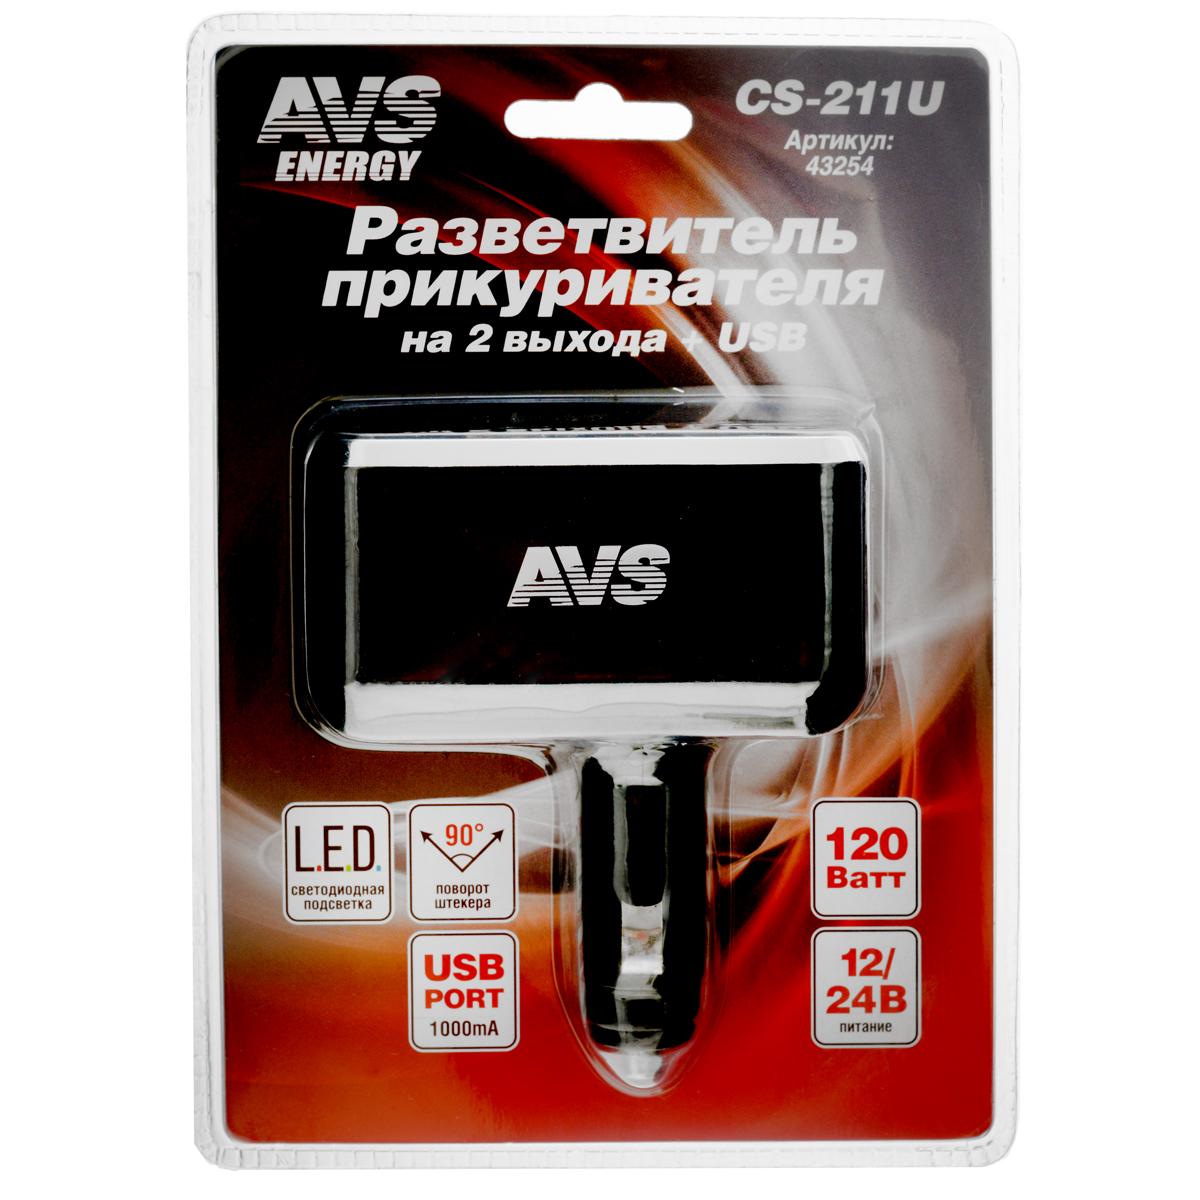 Разветвитель прикуривателя AVS